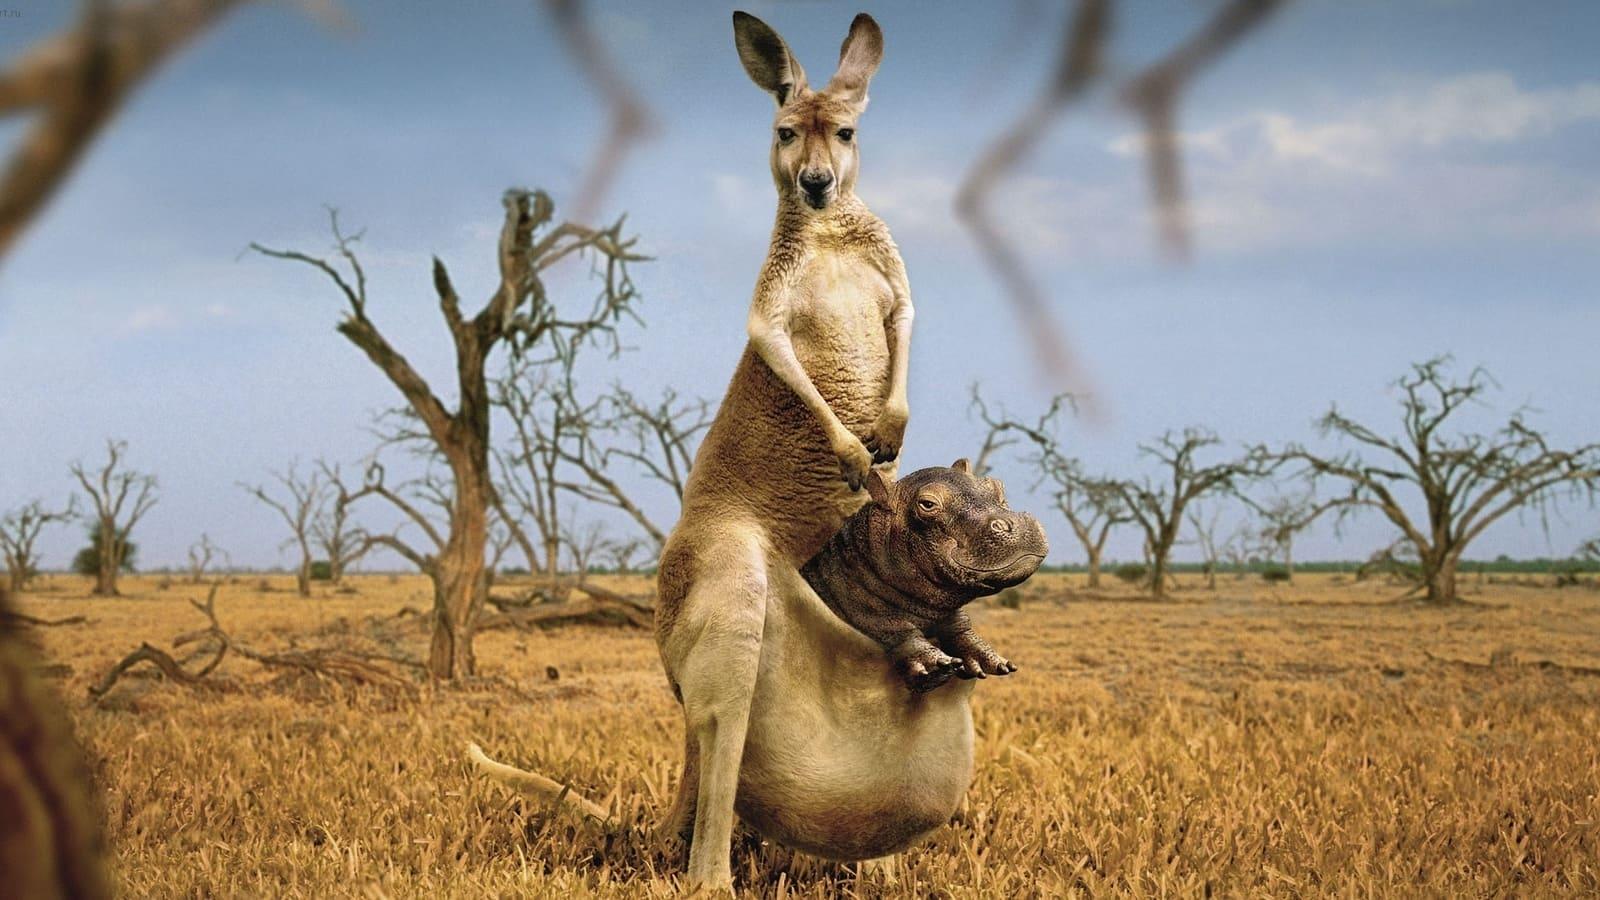 Tiere lustig hintergrundbilder Hintergrundbilder Tiere